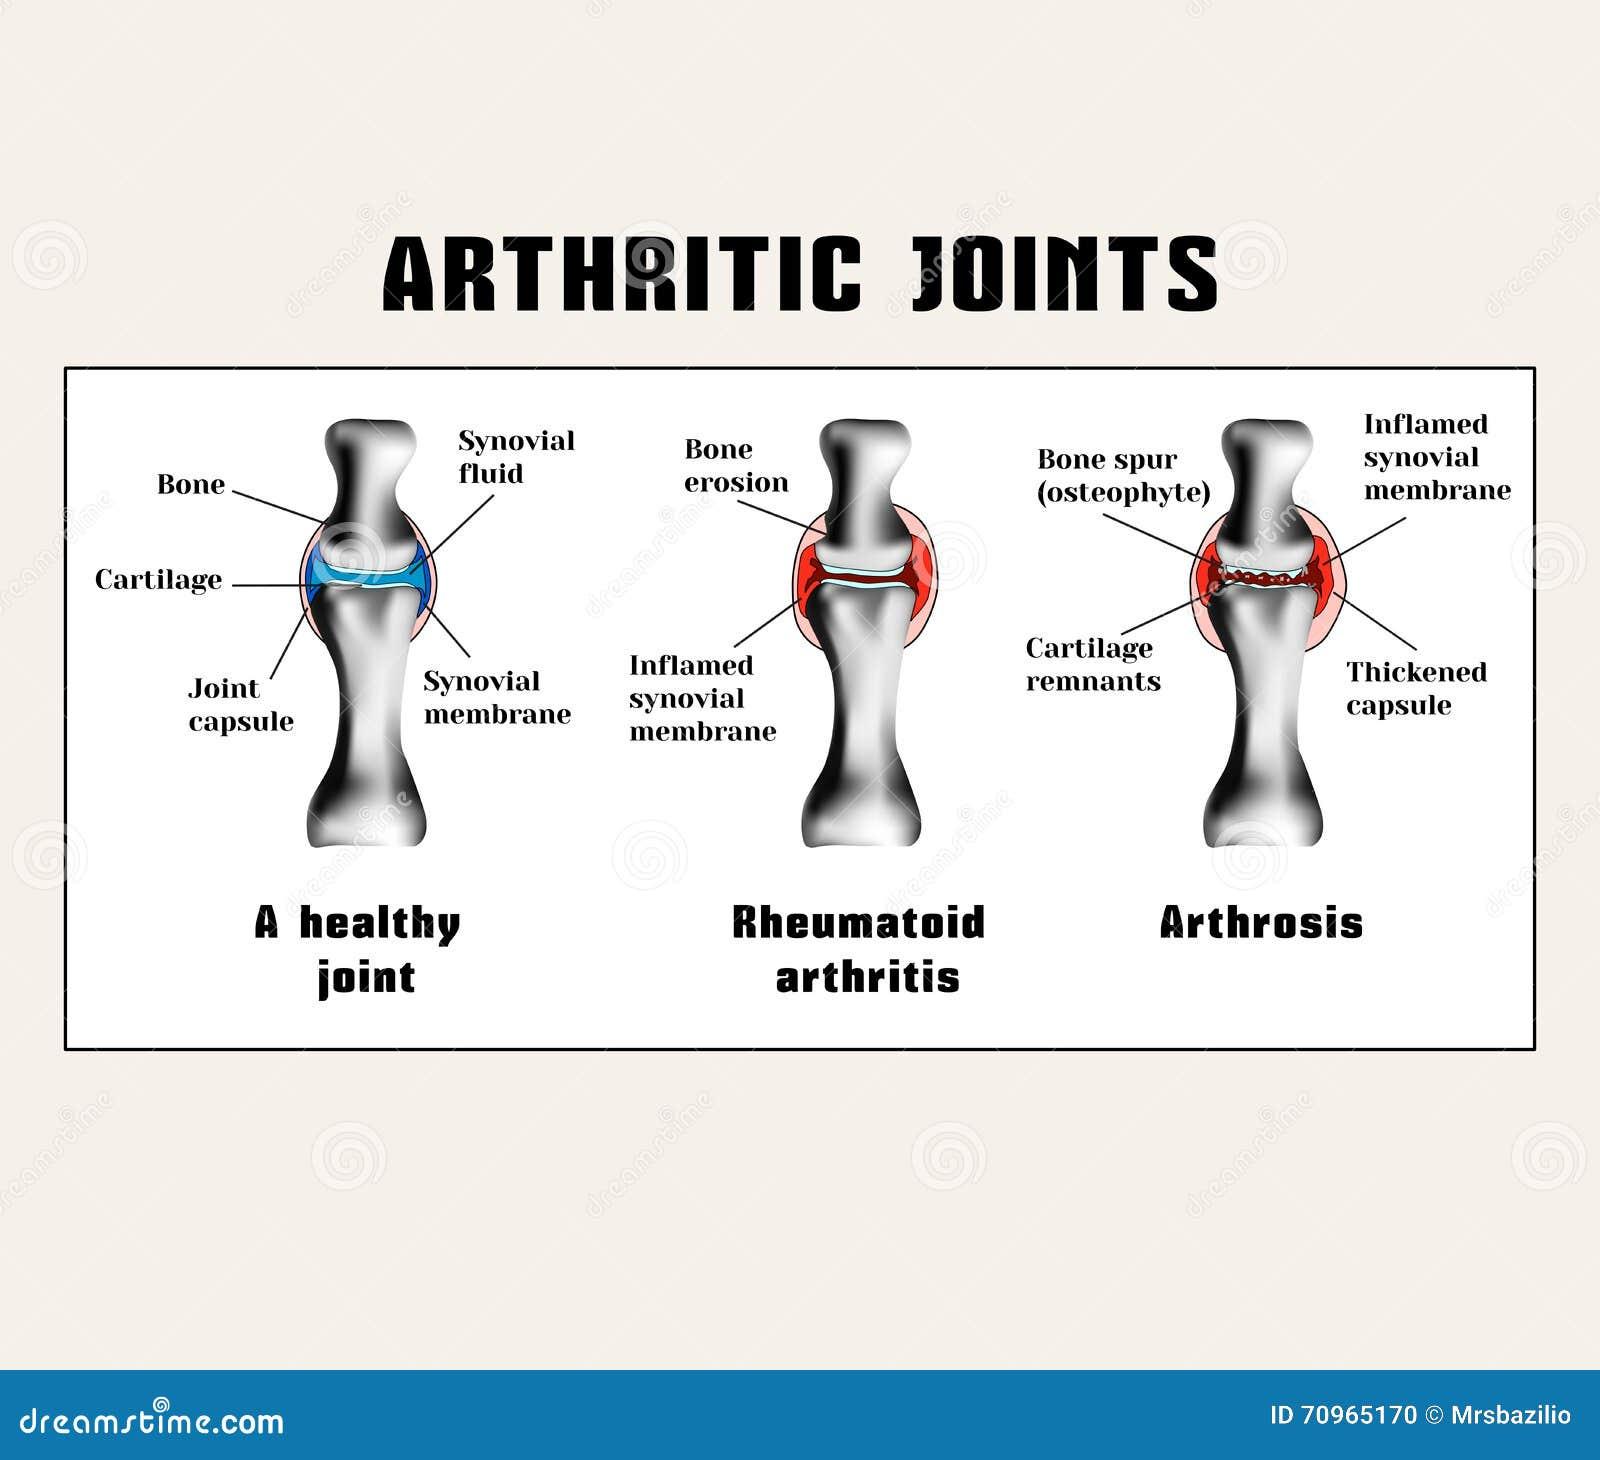 Unire artritici (artrite reumatoide, artrosi (osteoartrite))